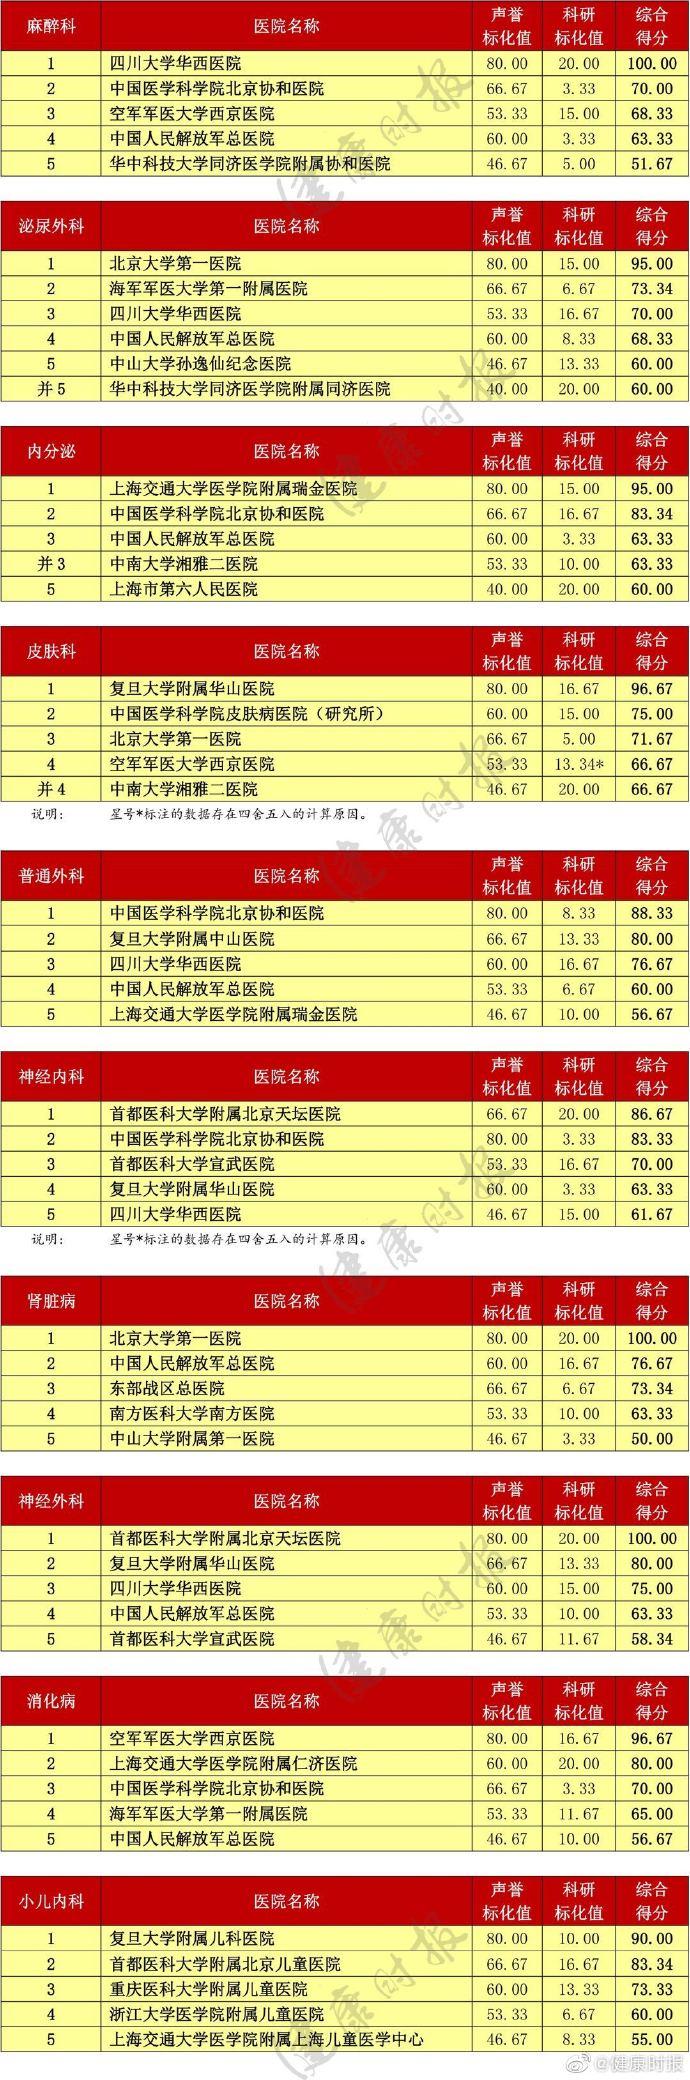 金旺娱乐注册_动视暴雪公司计划于下周二宣布裁员 以应对销售放缓